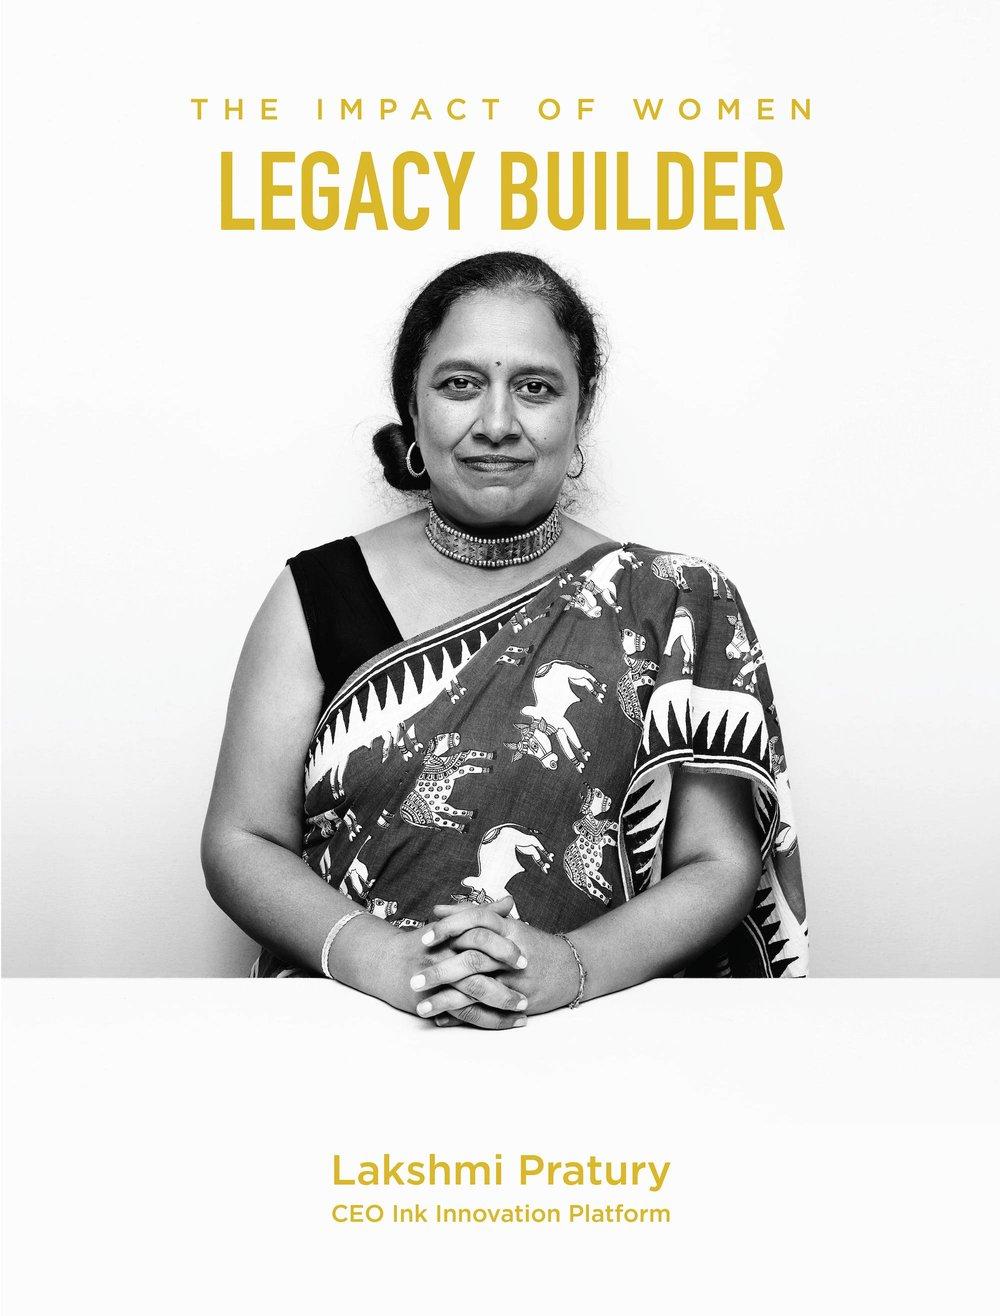 Lakshmi Pratury is a Legacy Builder